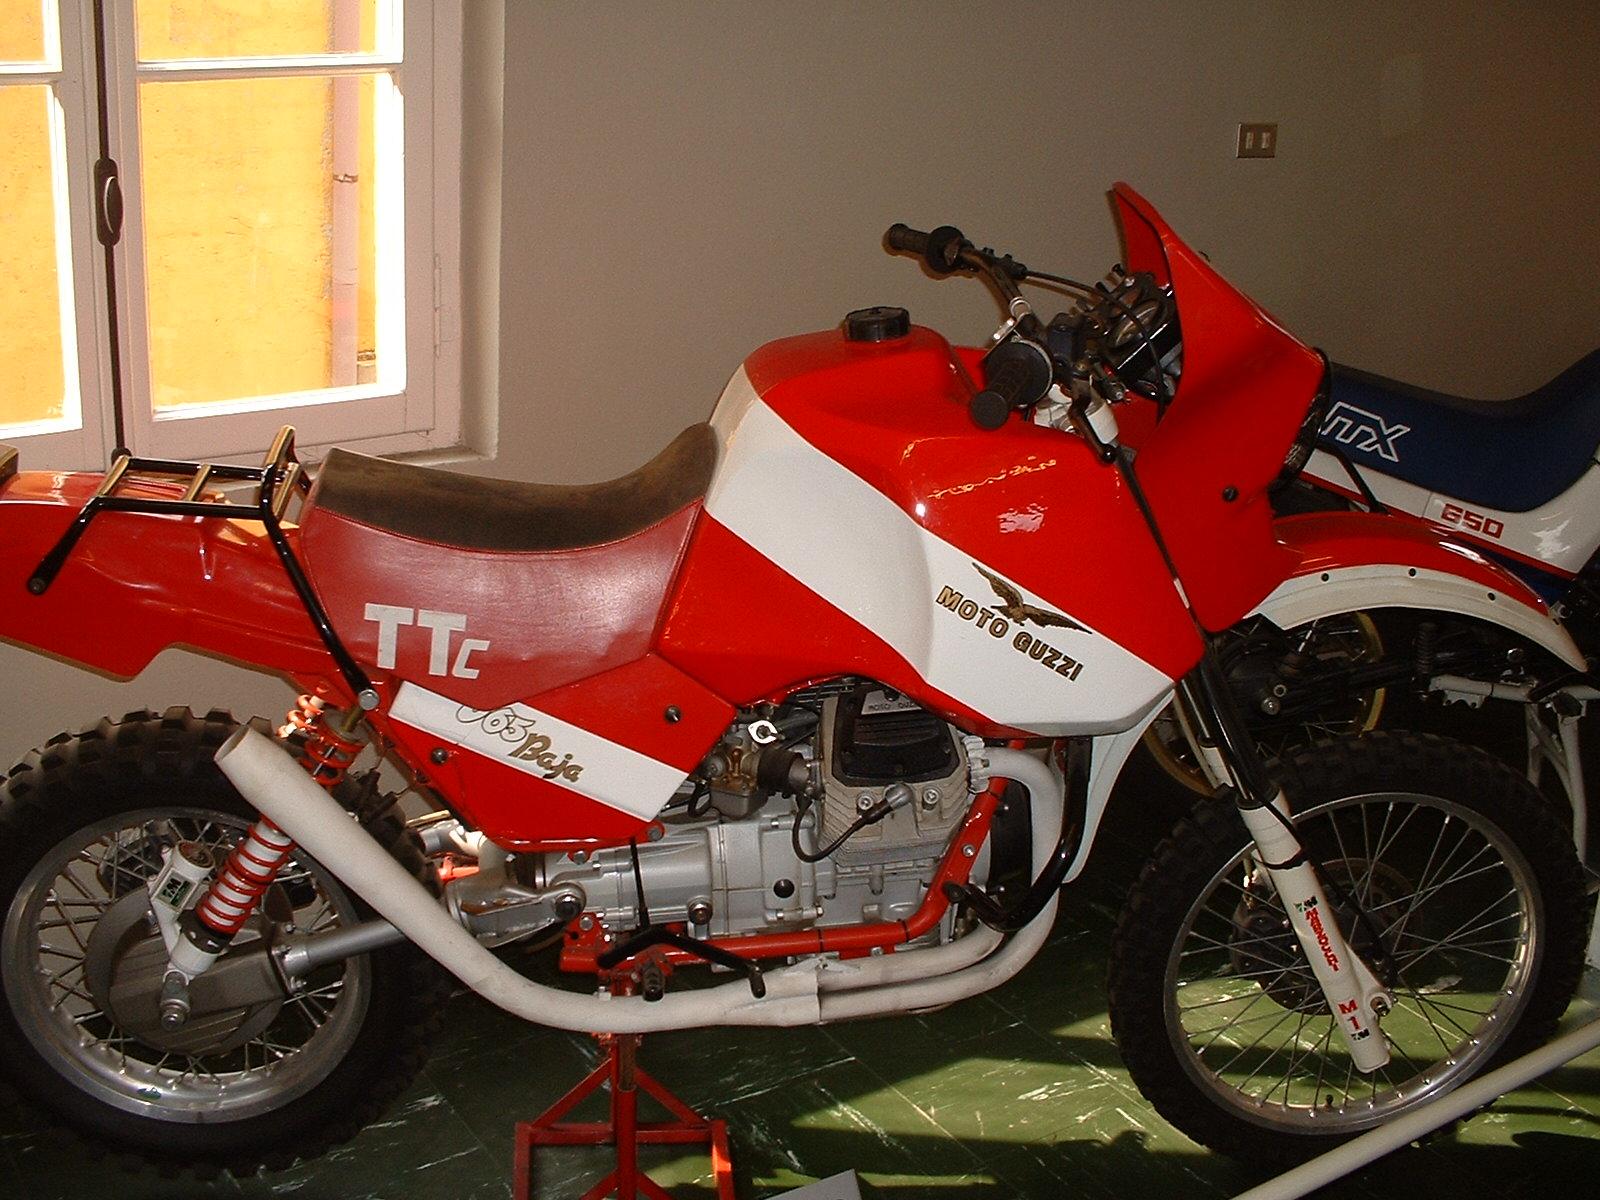 Moto Guzzi V65 TTc Baja